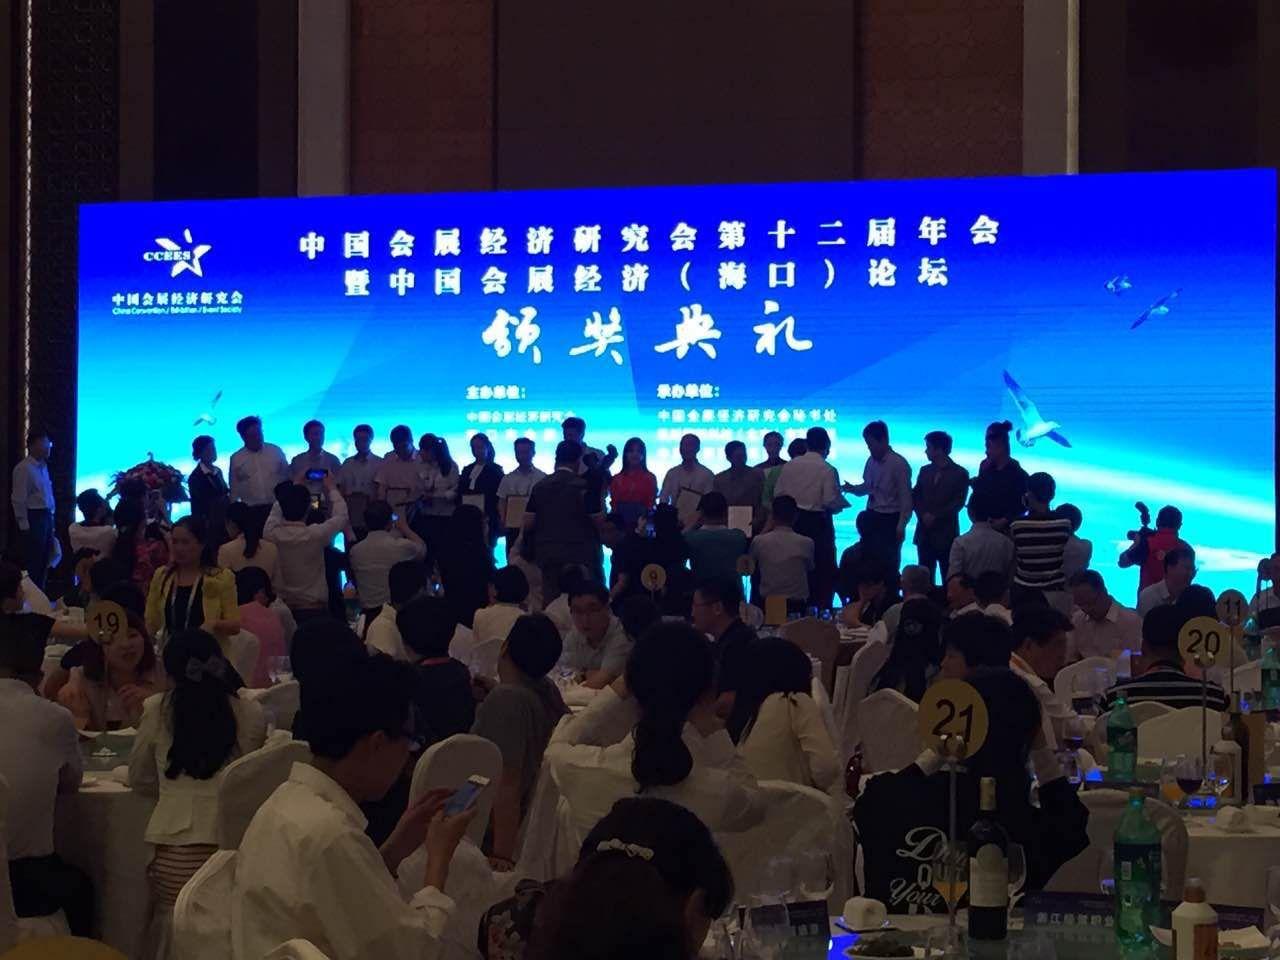 会展经济_香港会展经济前景看好